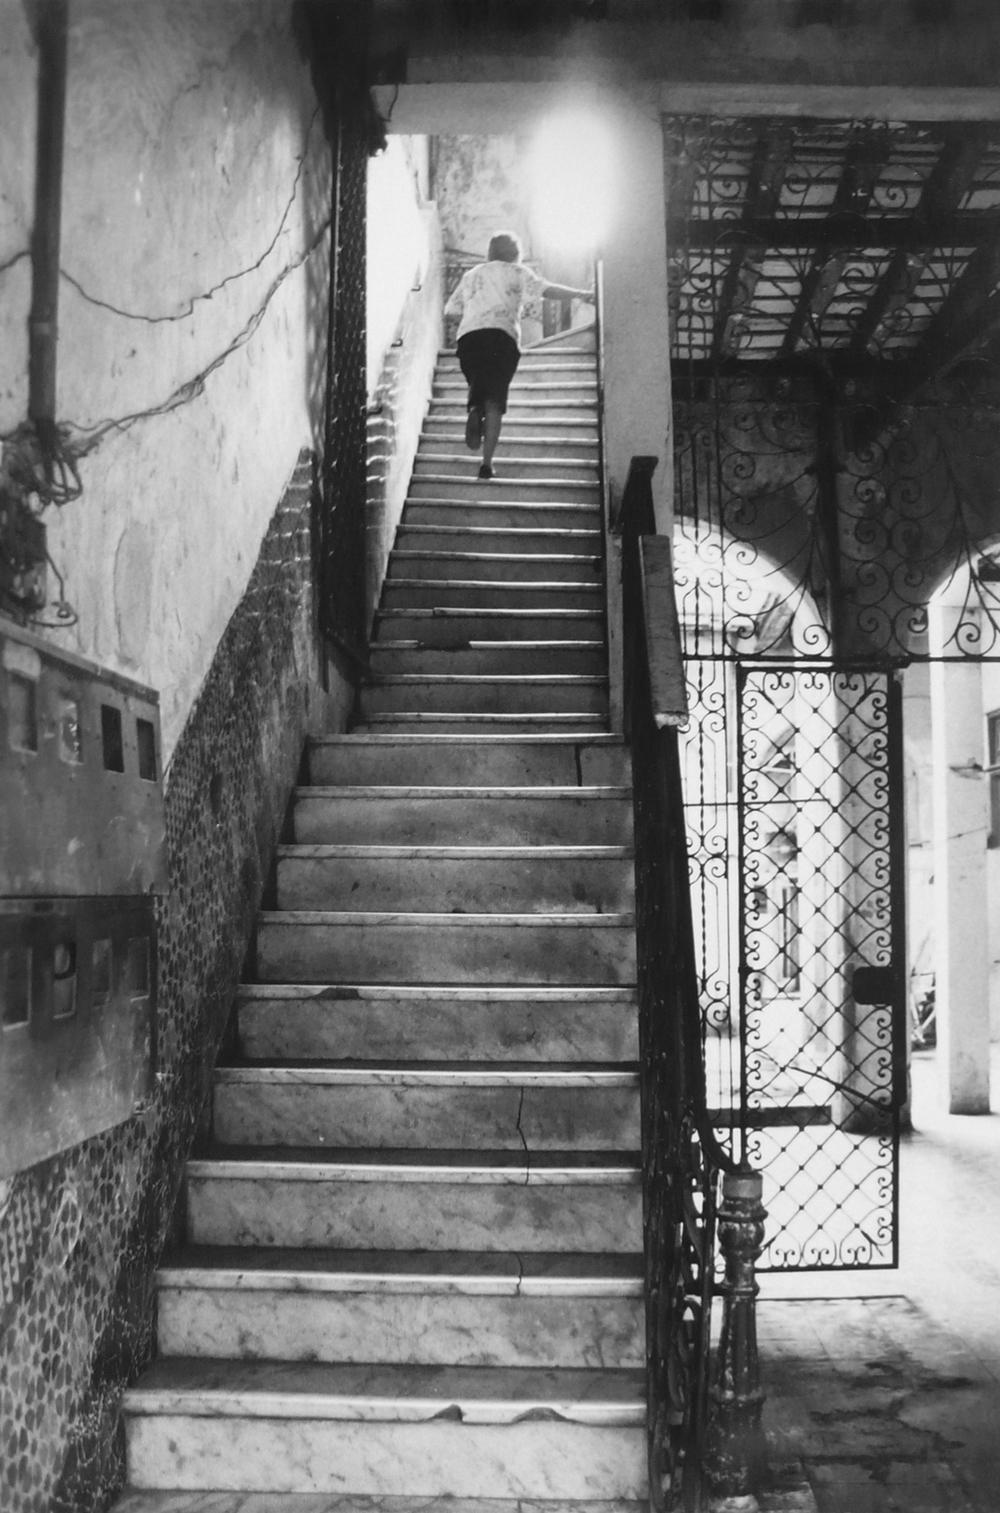 Habana, Cuba , 2000  Gelatin silver photograph.  18 1/8 x 12 3/16 inches